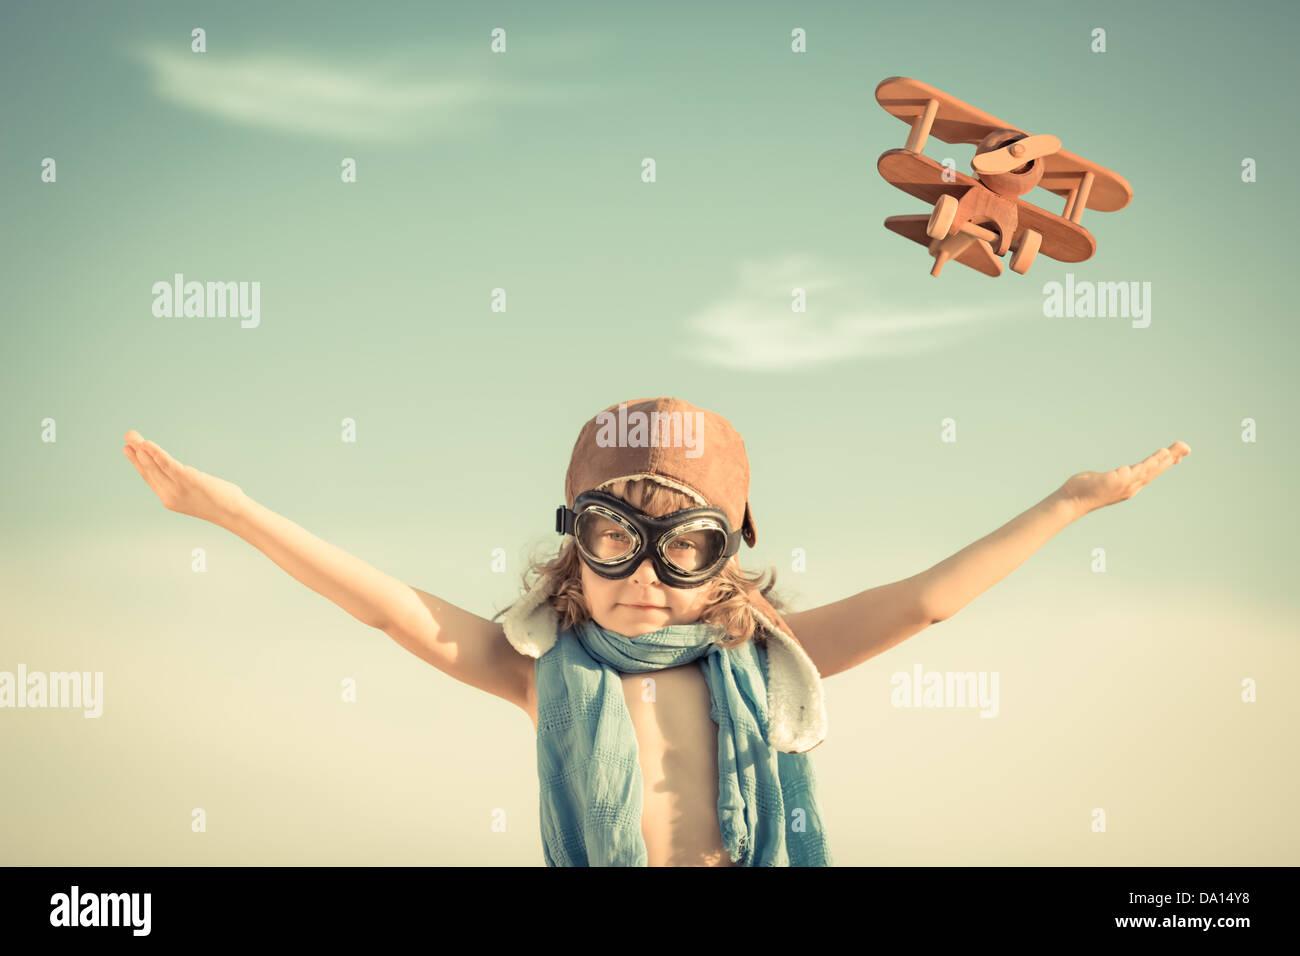 Glückliches Kind mit Spielzeugflugzeug gegen blauen Himmelshintergrund spielen. Vintage getönt Stockbild